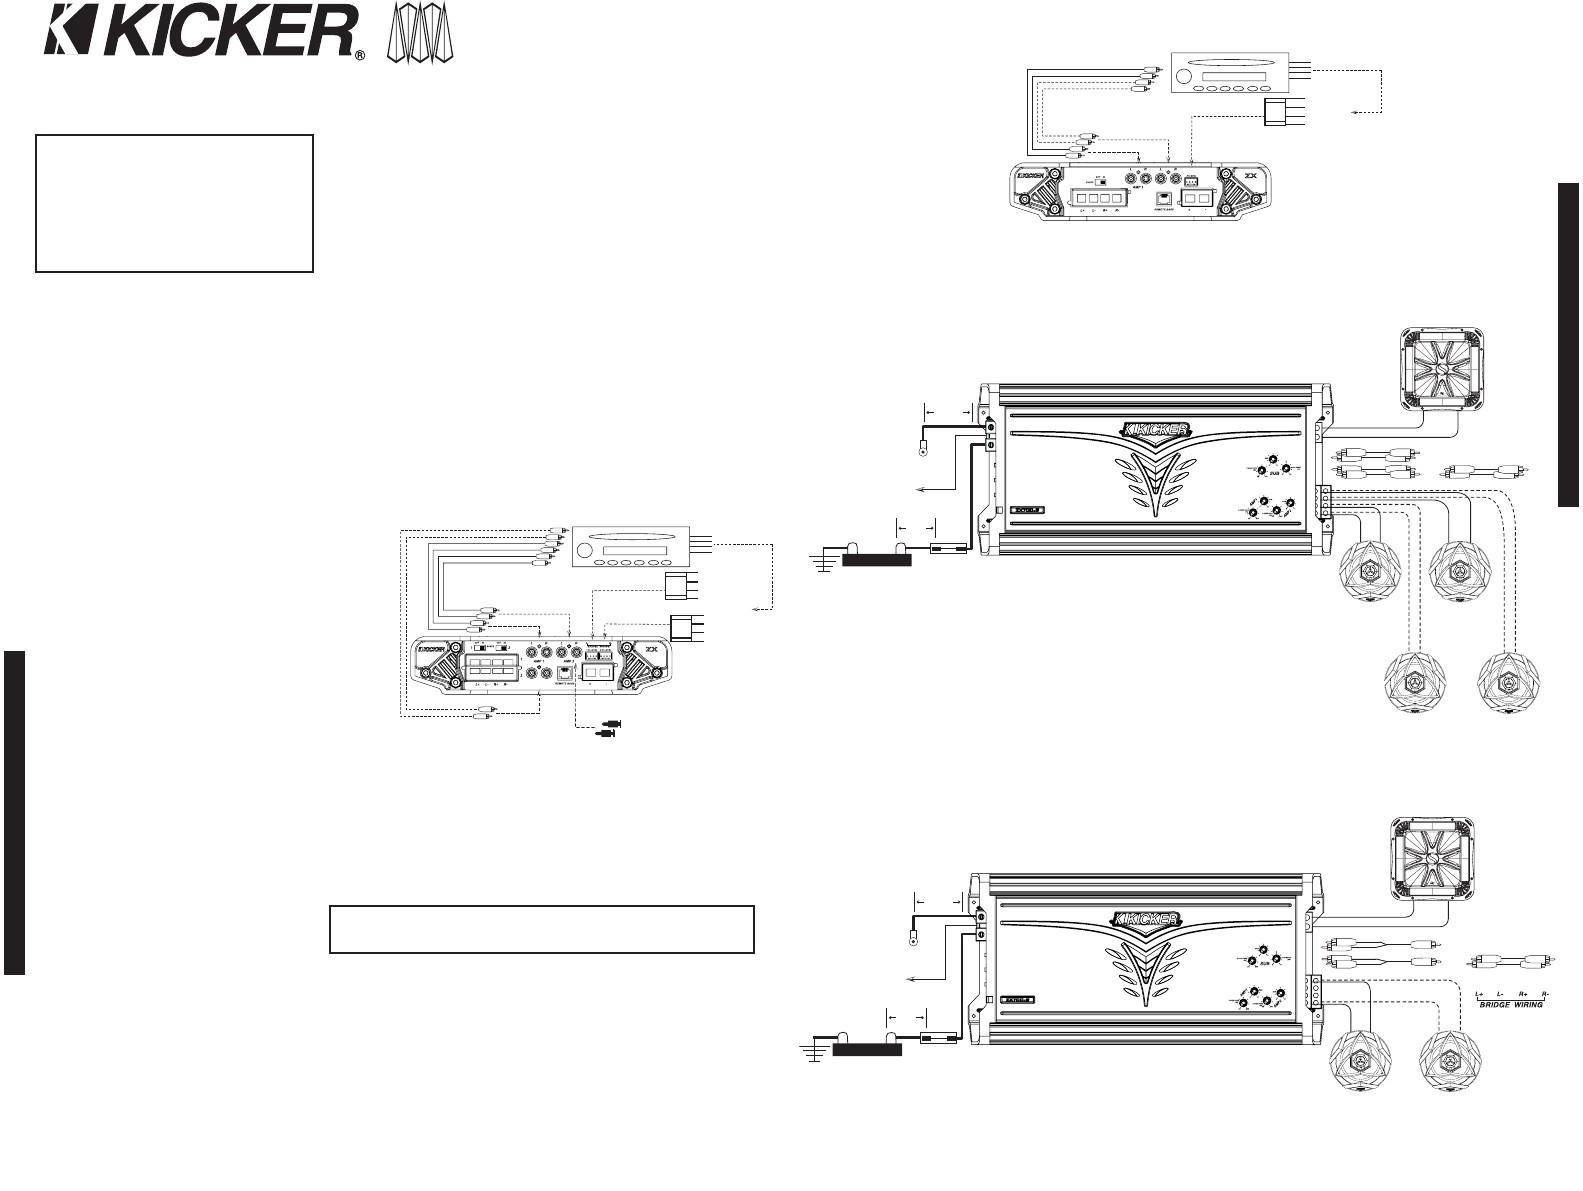 L7 Wiring Diagram | Repair Manual on